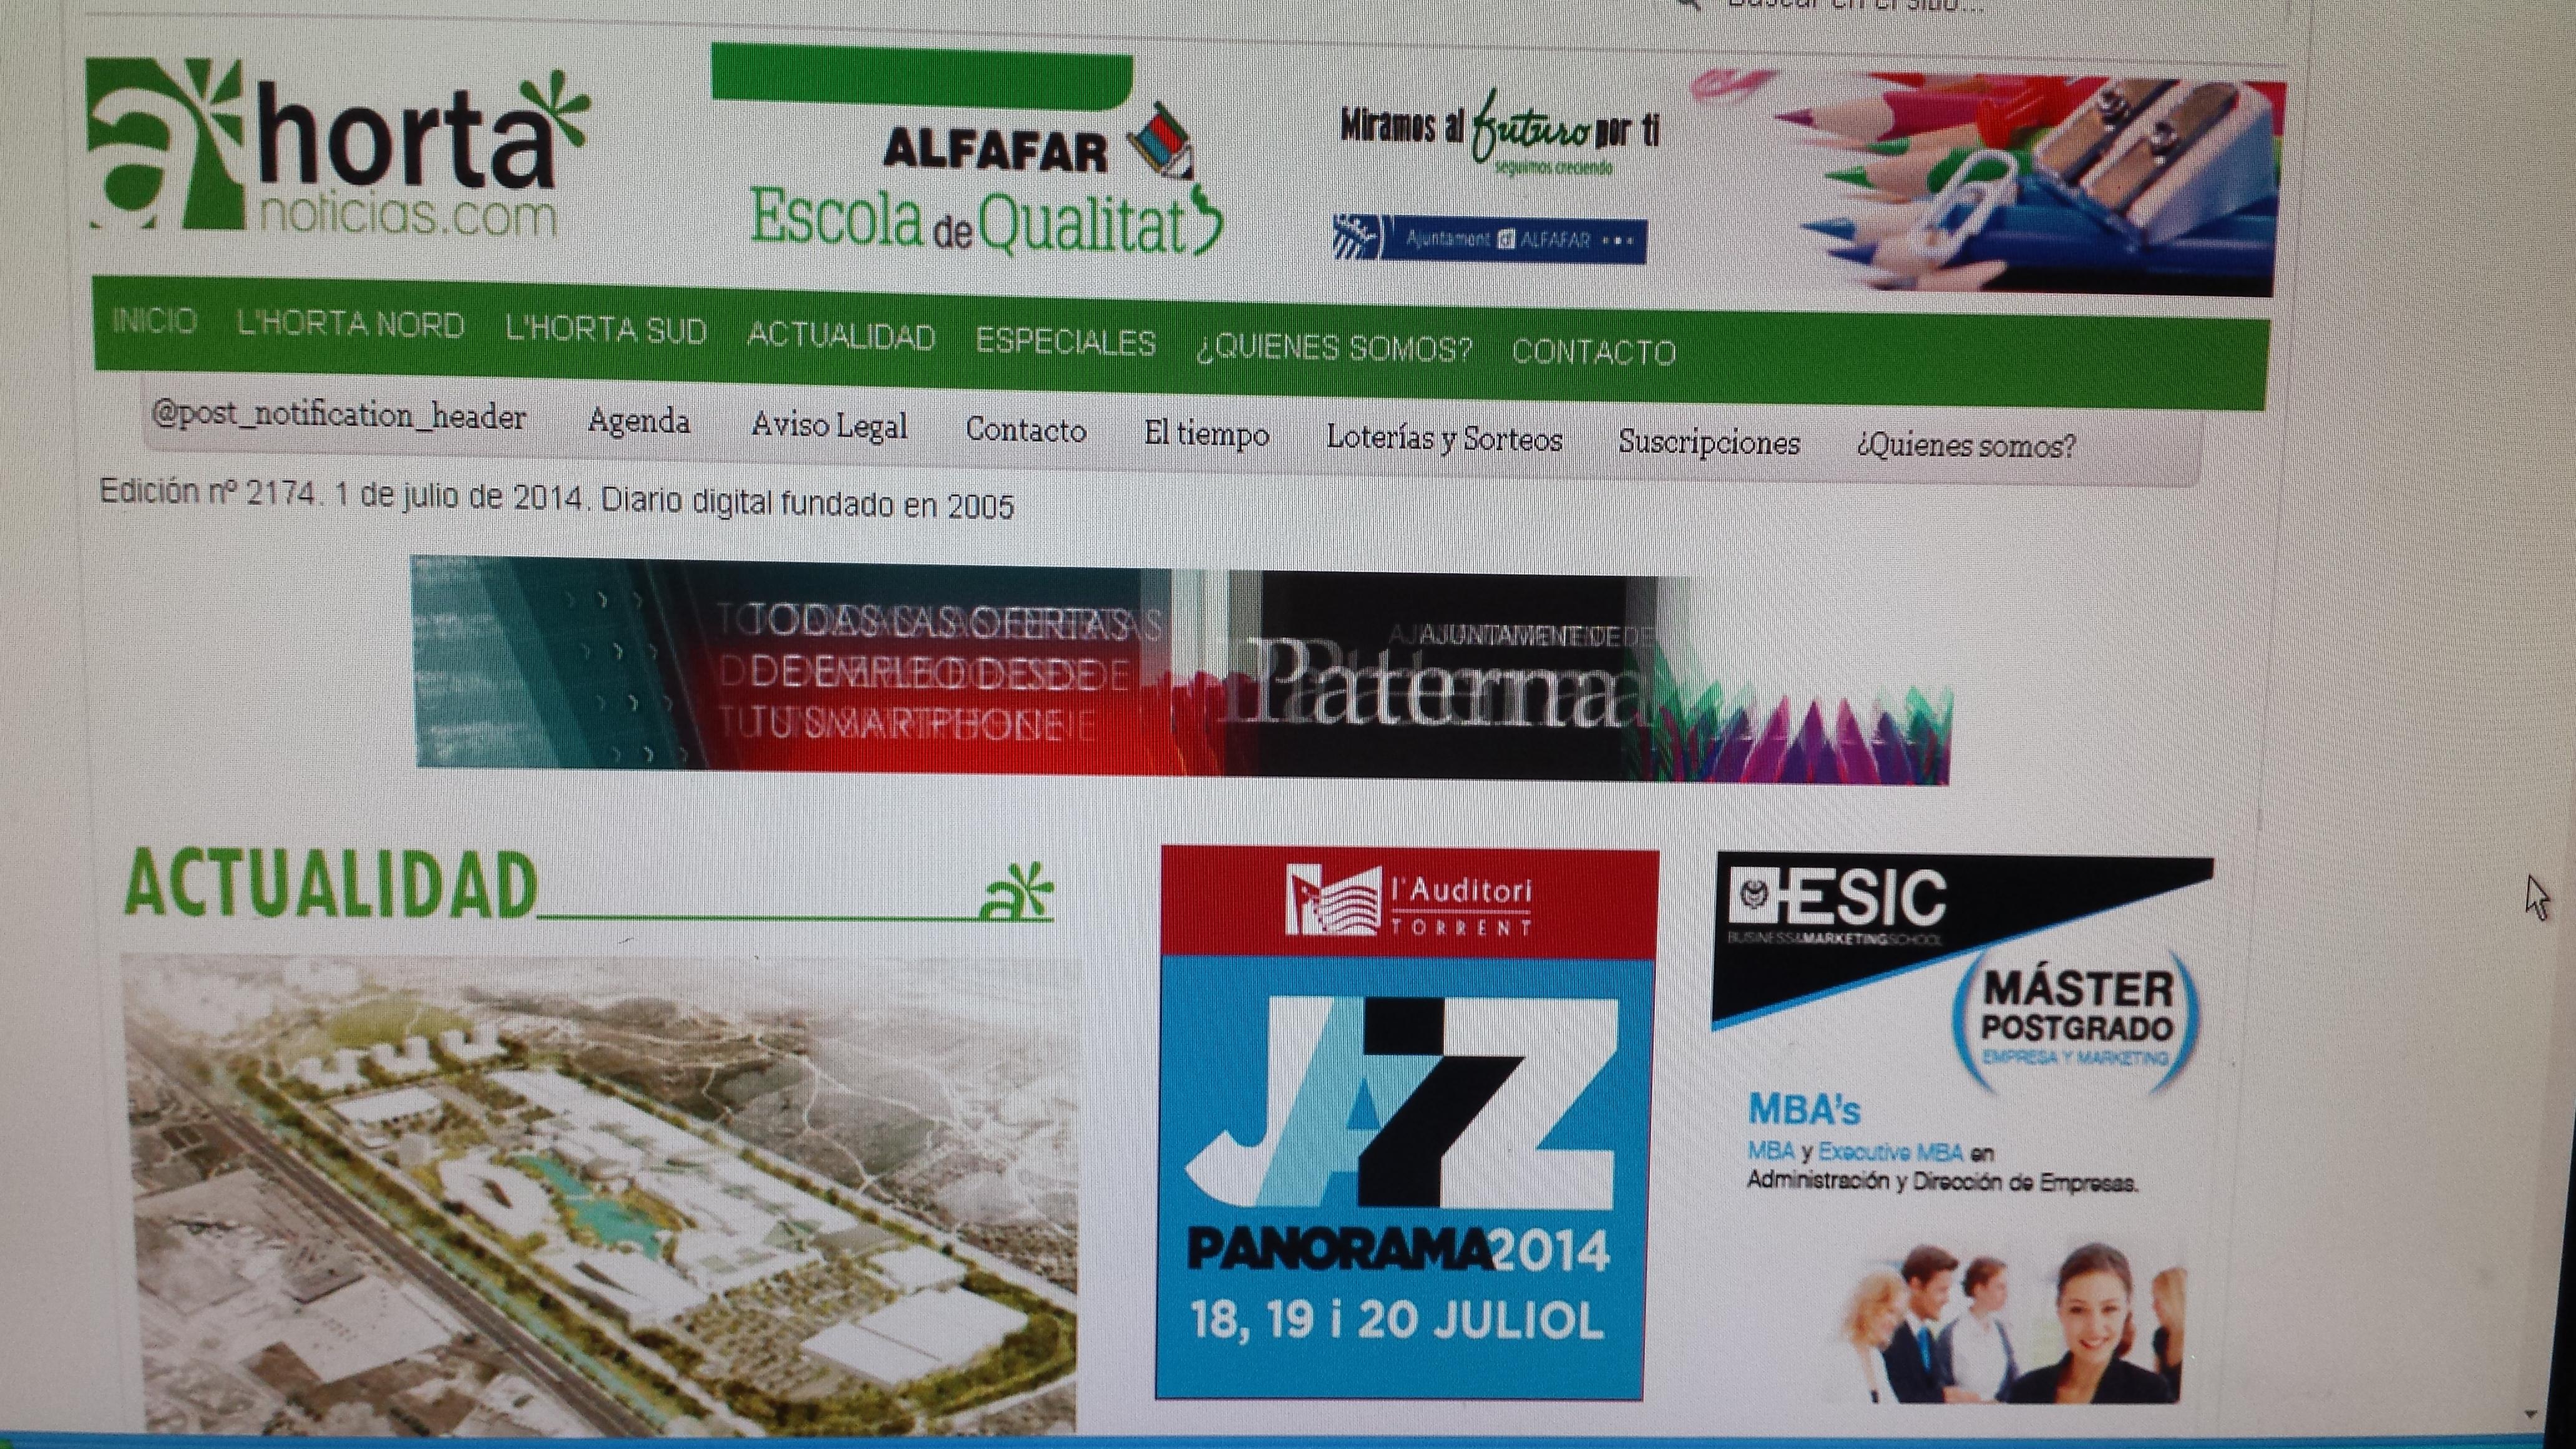 Captura de la web de Horta Noticias, cumple 9 años